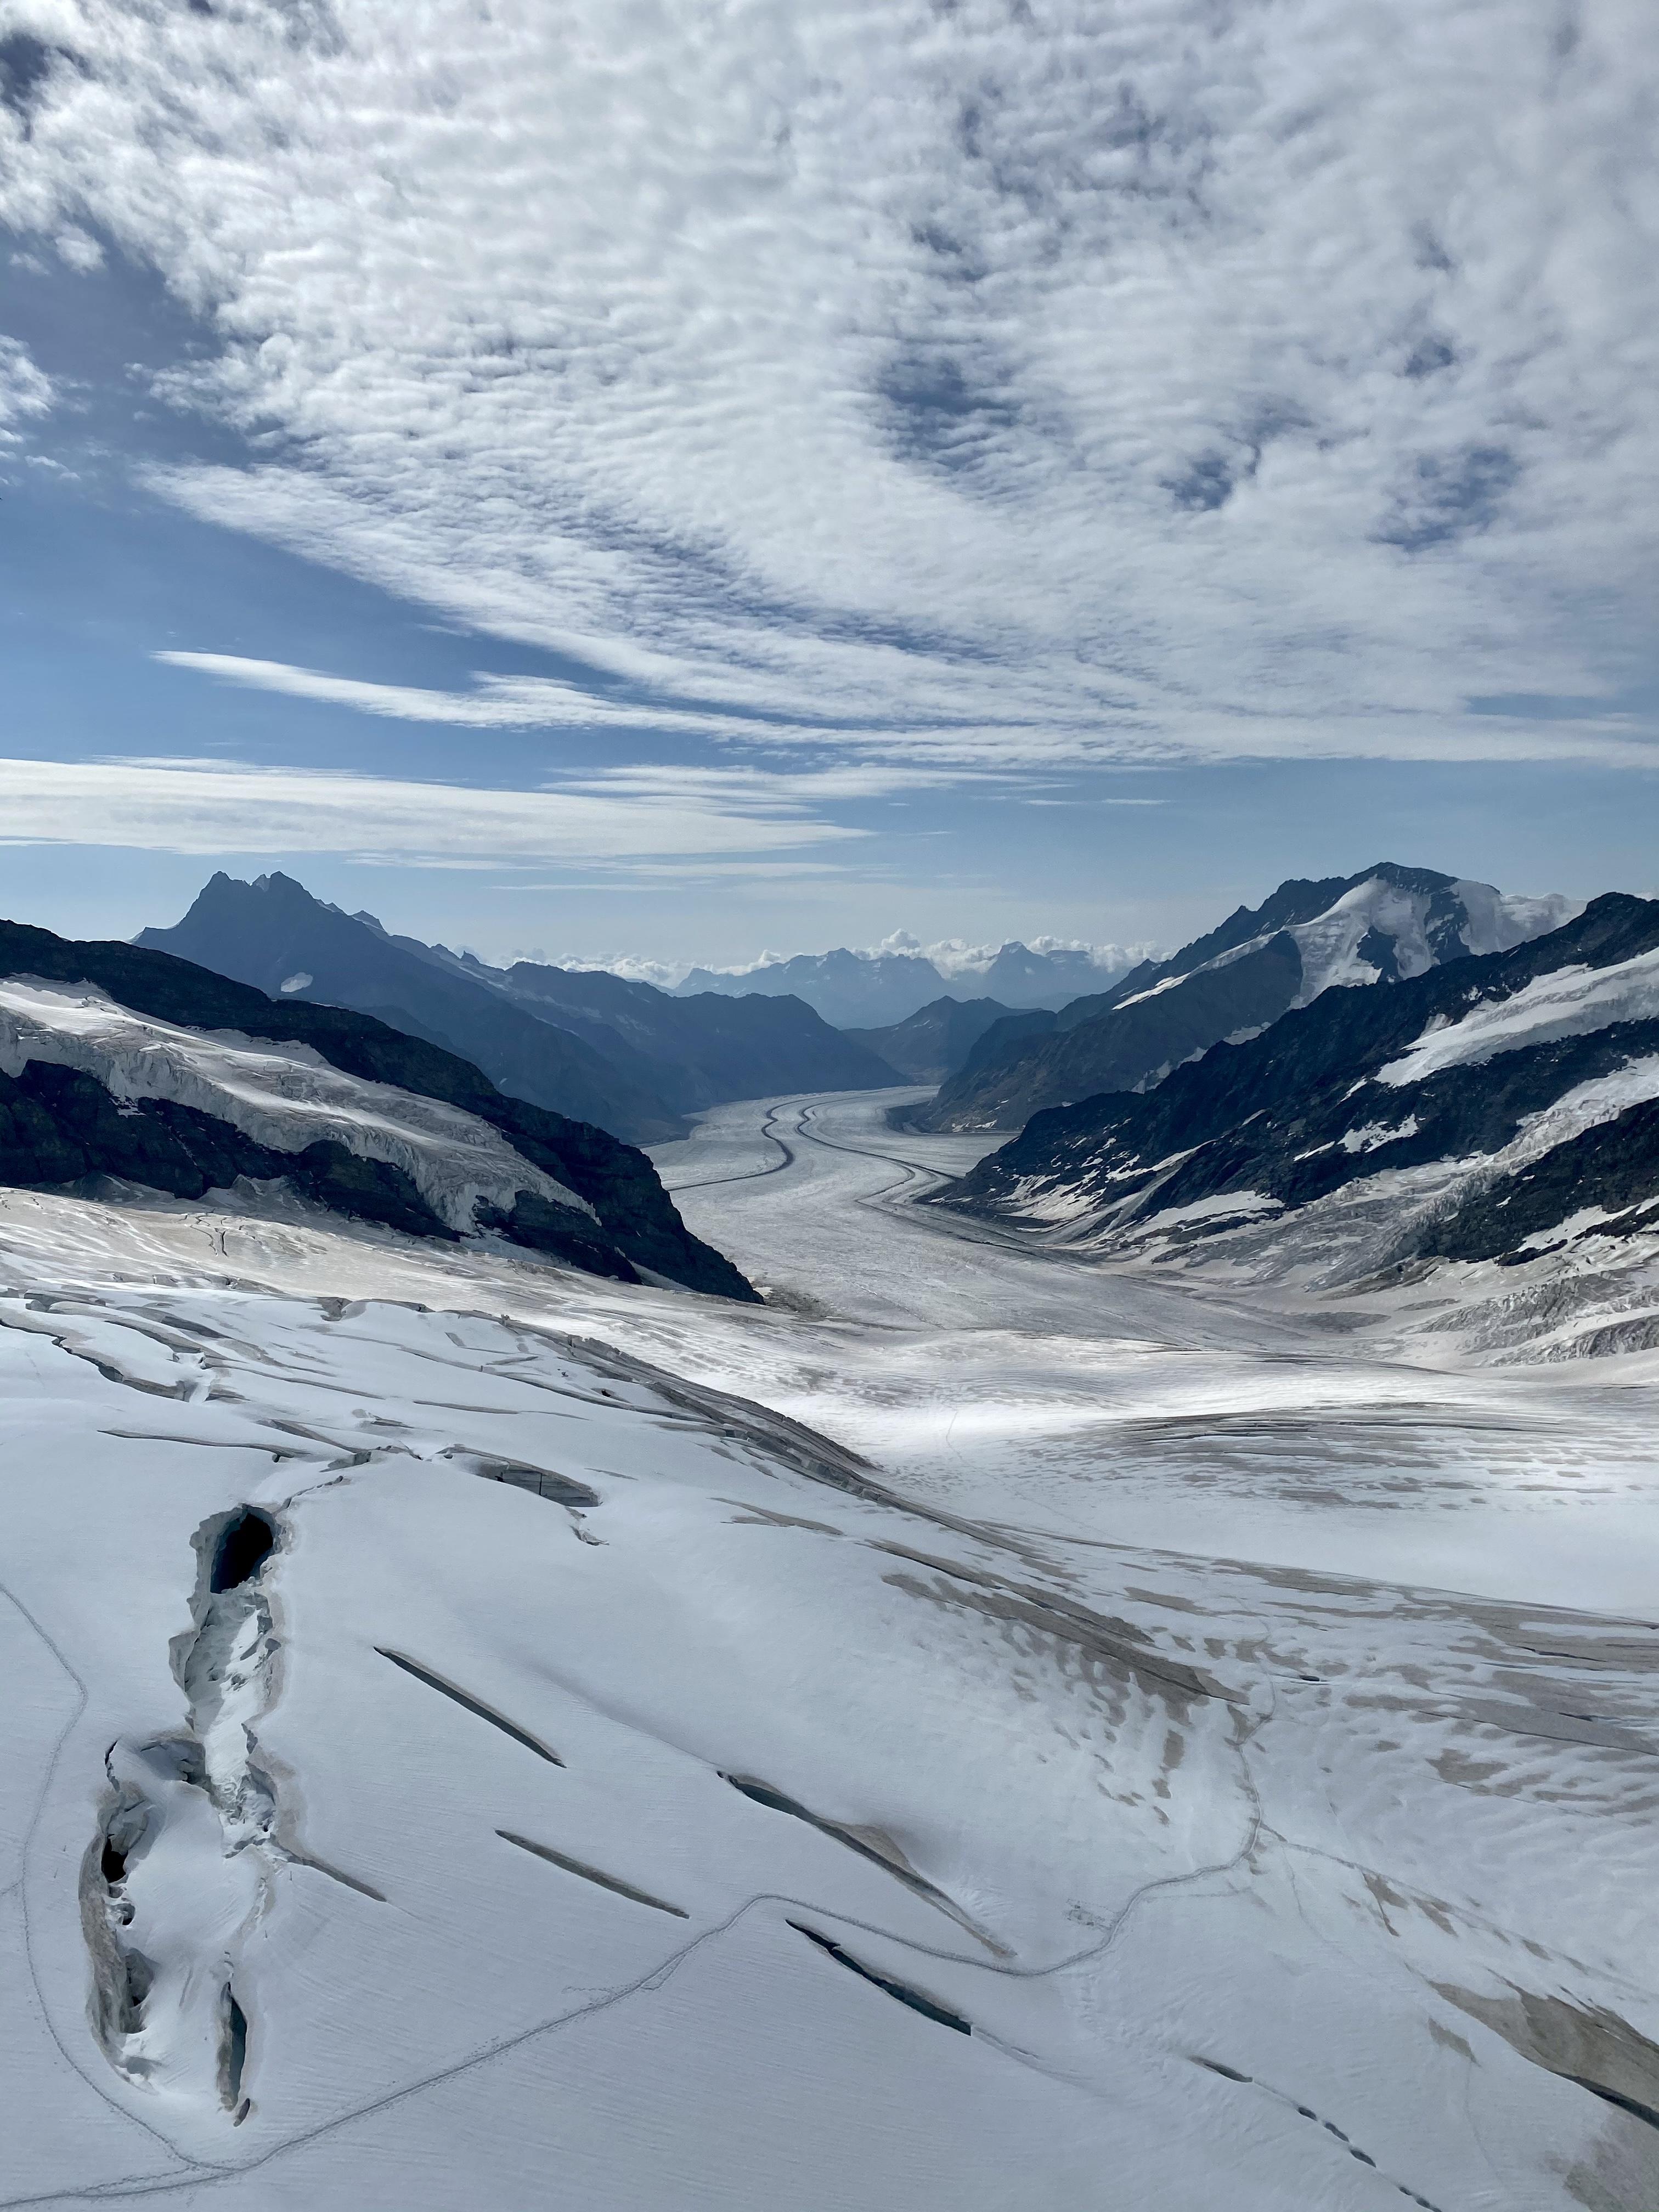 Les Alpes (et AURA en général) - Page 9 6-A548-A88-1-AD9-41-F2-818-F-3-D93-F811-C846